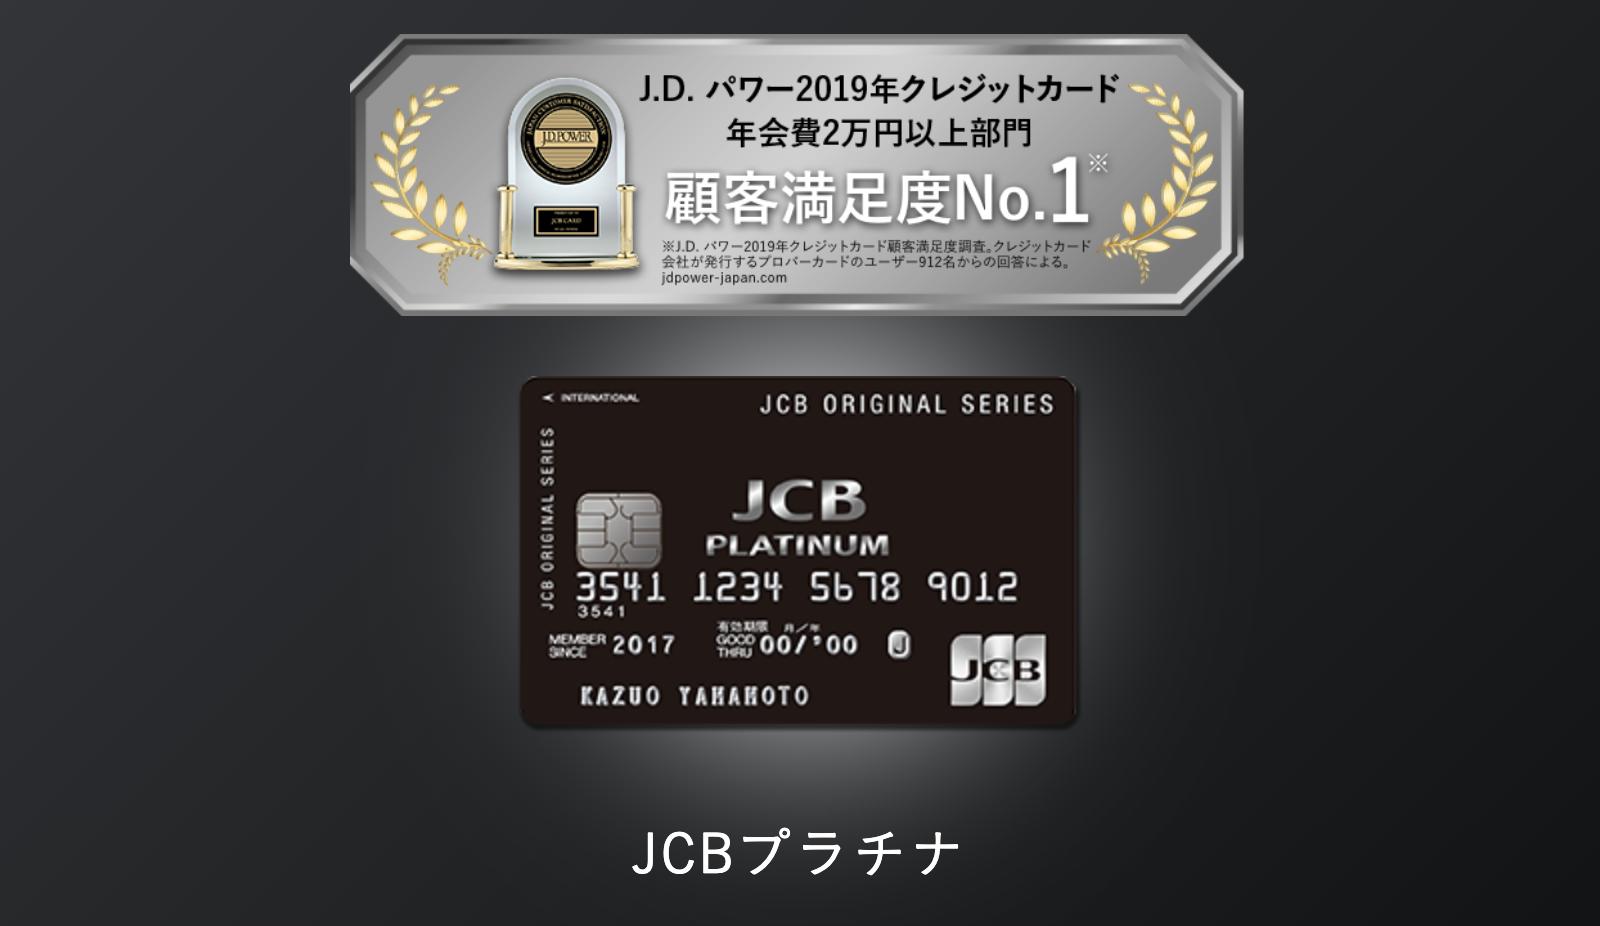 25歳でJCBプラチナカードを取得!自己申込可能なオリジナルシリーズ最高ランク